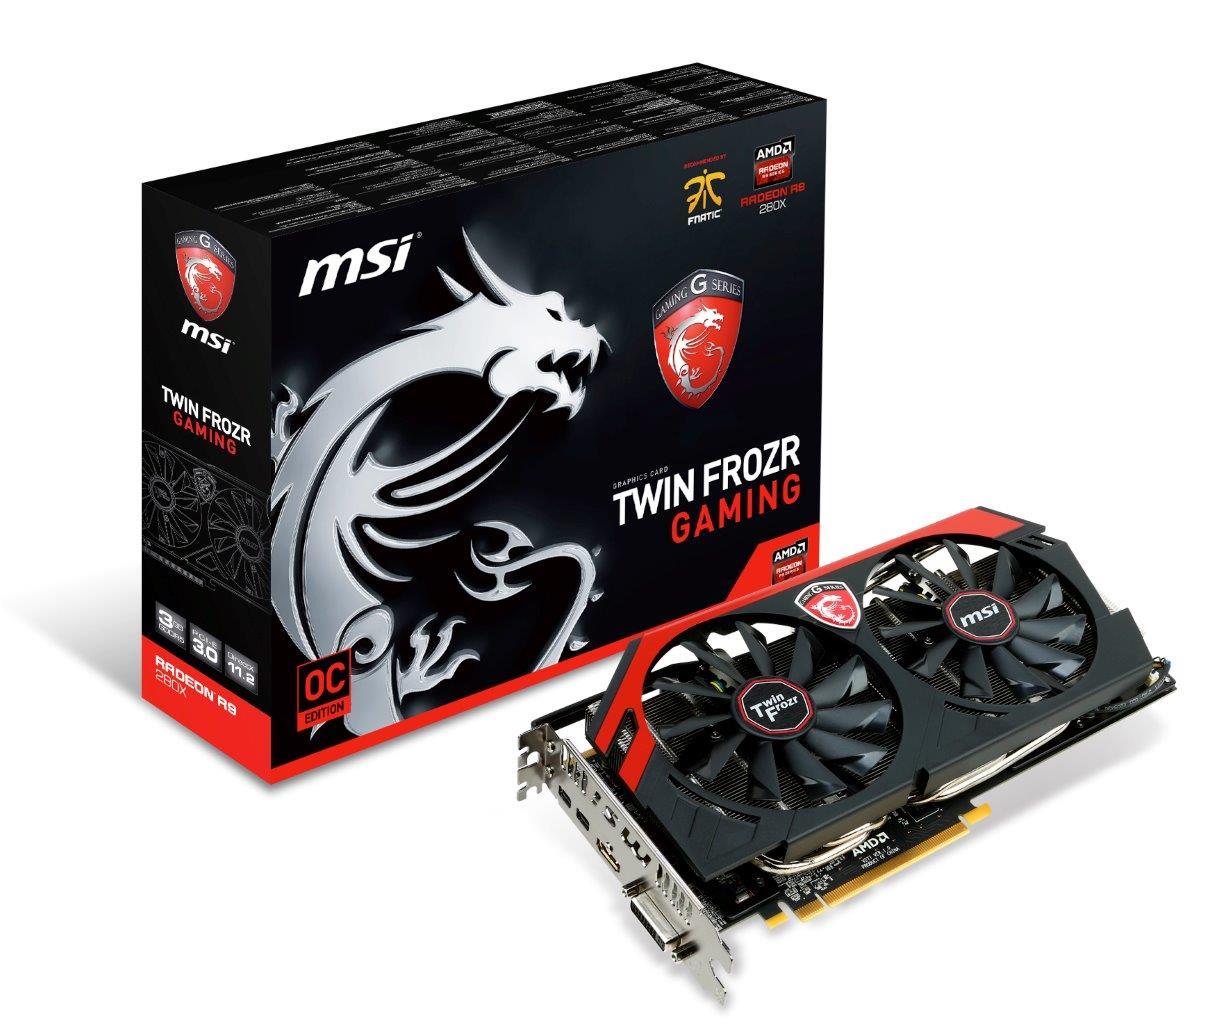 R9 280X Gaming 3GD5(V277)_box+card